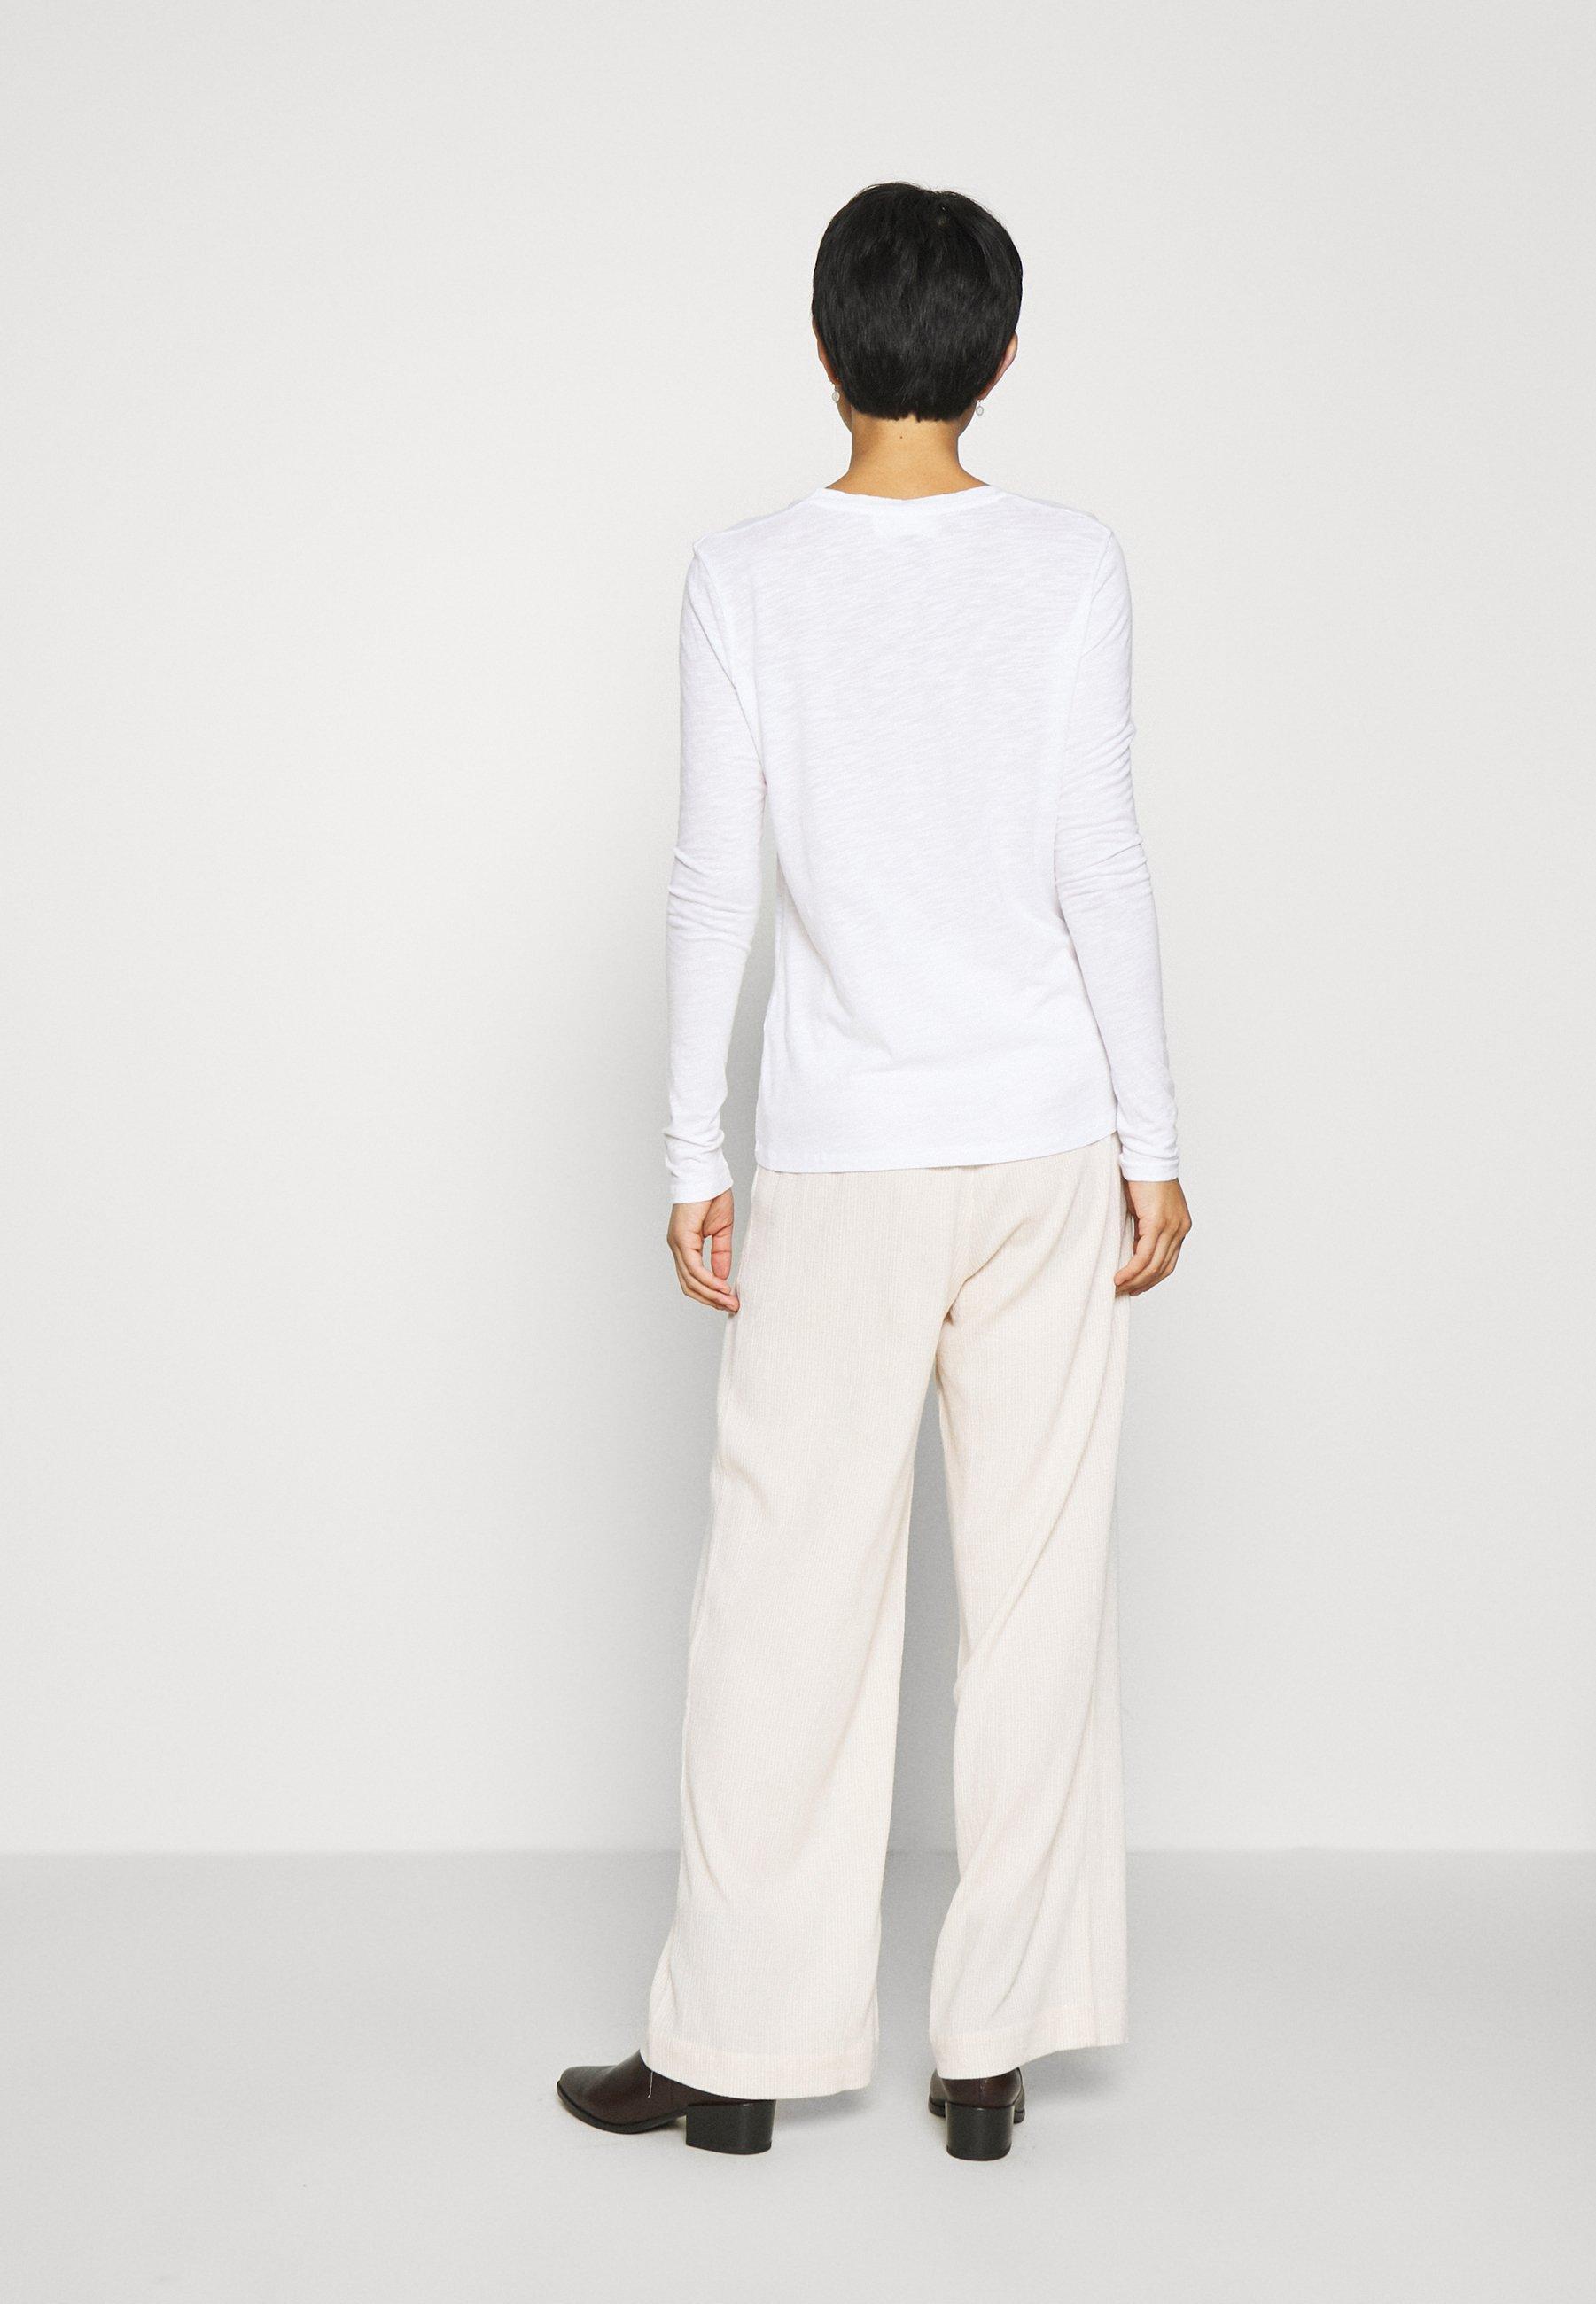 American Vintage JACKSONVILLE - Maglietta a manica lunga - blanc - Abbigliamento da donna Per Nizza